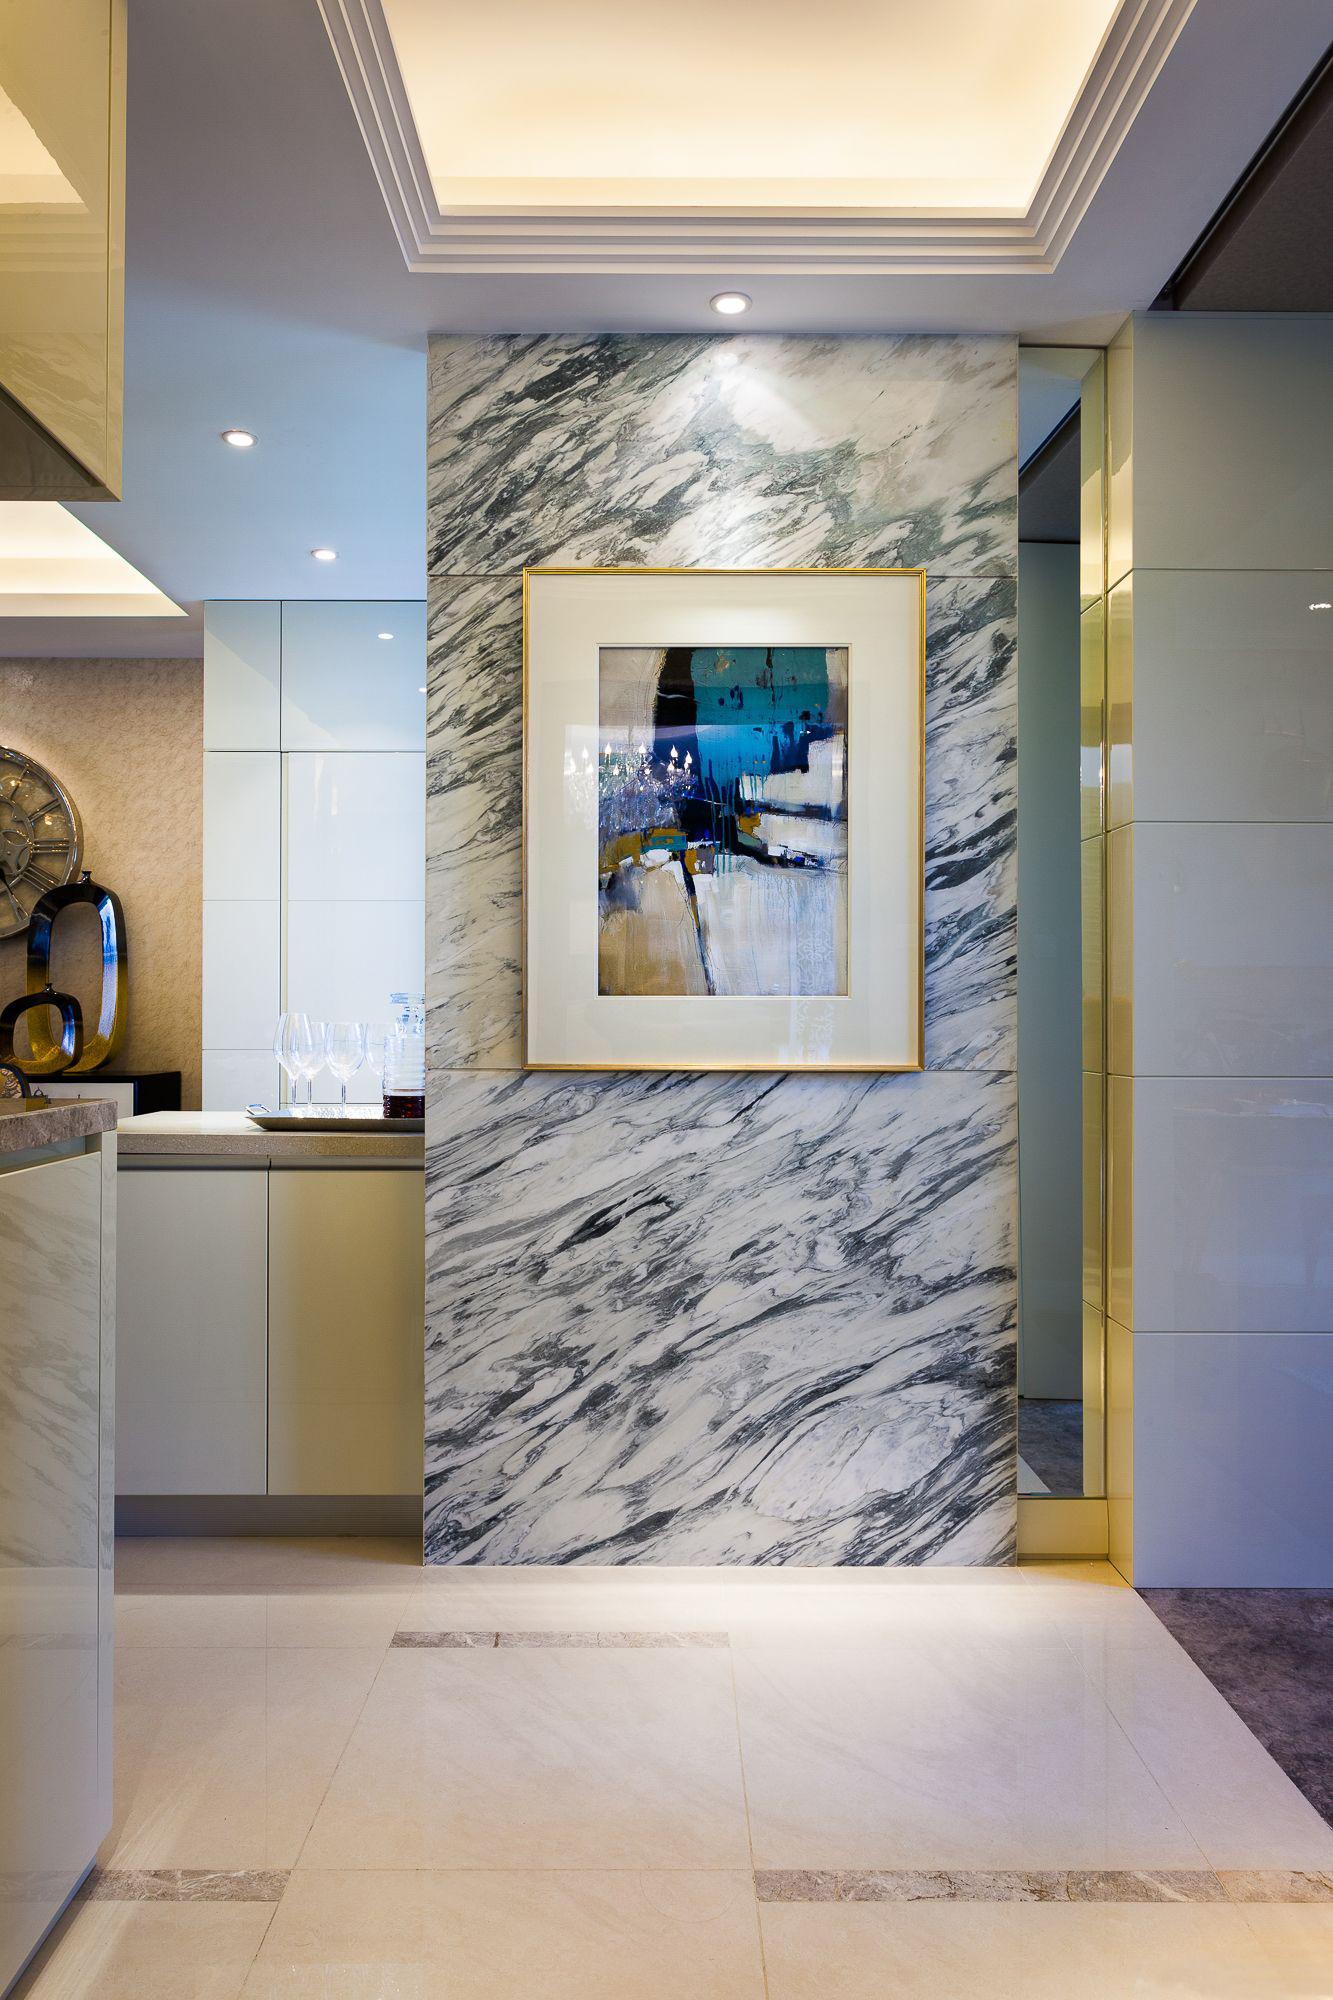 混搭 三居 大户型 复式 跃层 别墅 80后 小资 玄关图片来自高度国际姚吉智在气质满满 160平米混搭风格装修的分享